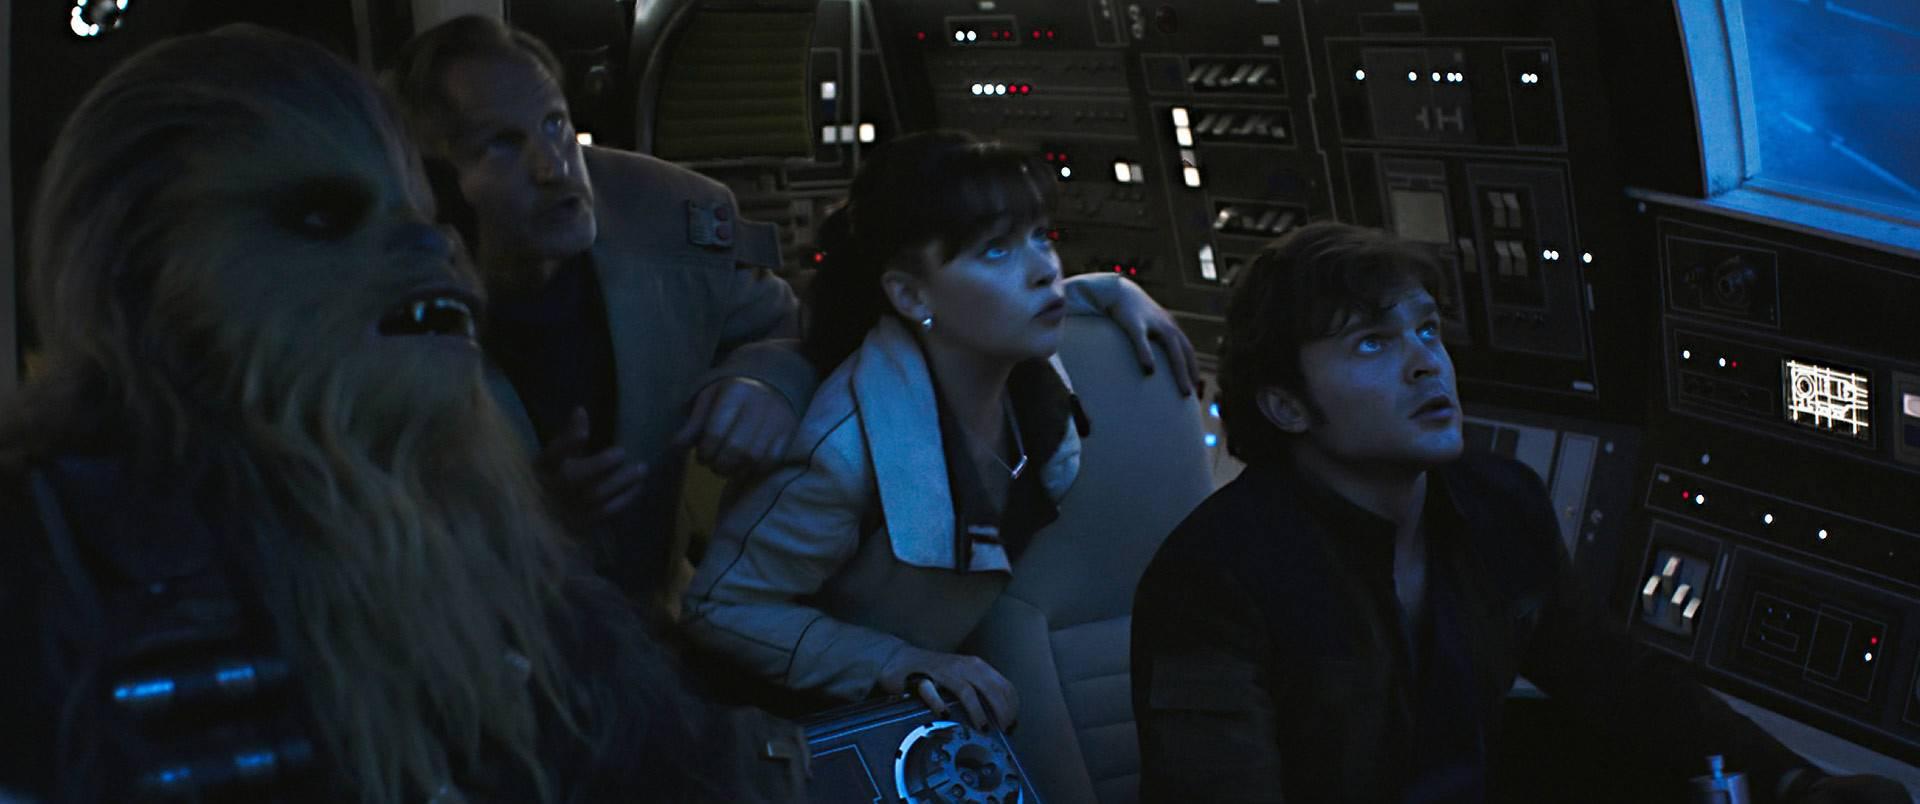 Star Wars frena a fondo: CEO de Disney confirma que harán productos 'más espaciados en el tiempo'